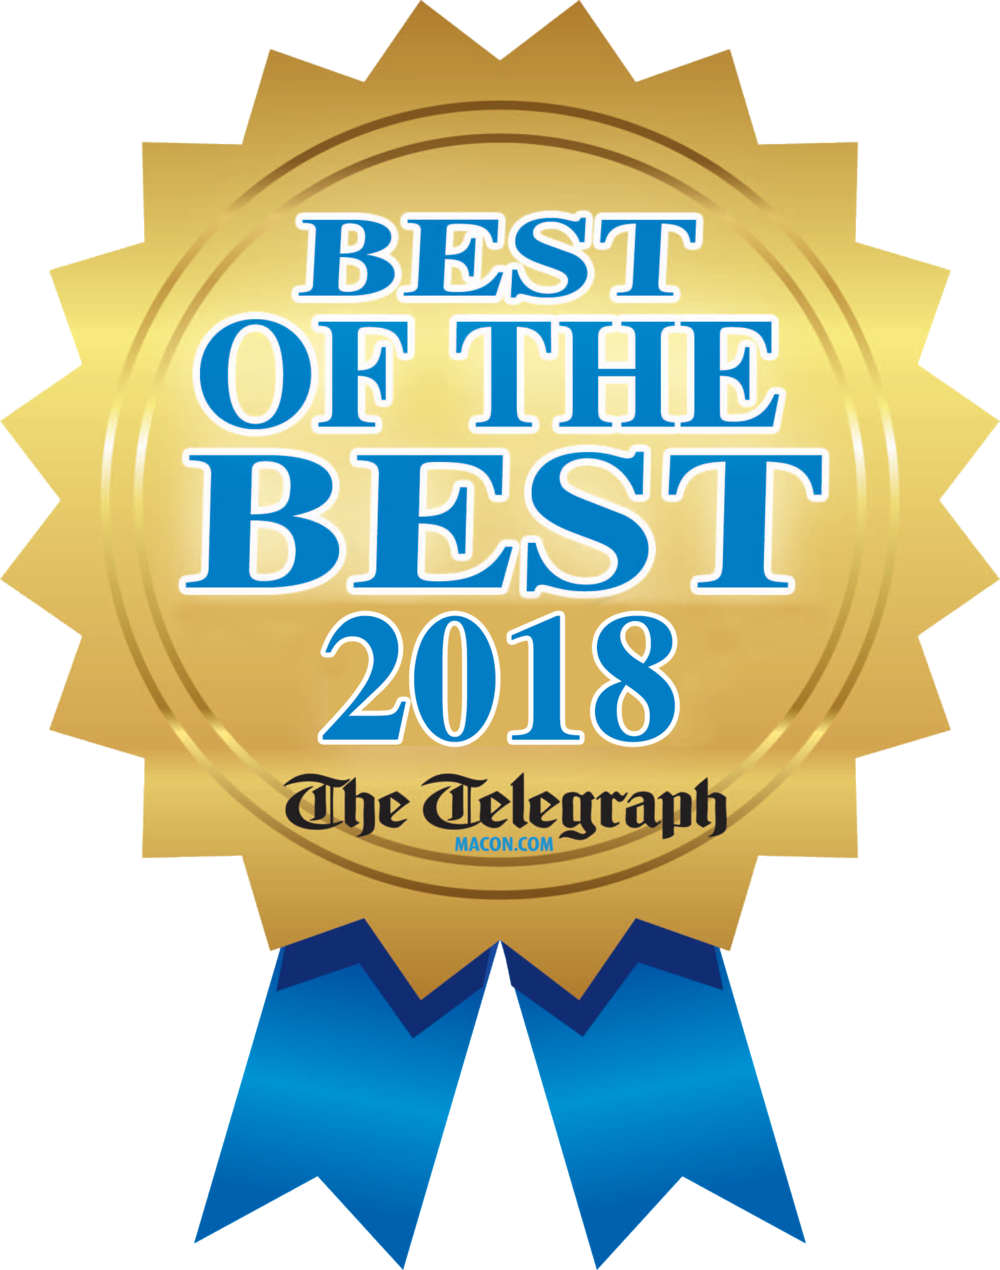 BestofBest2018 .png